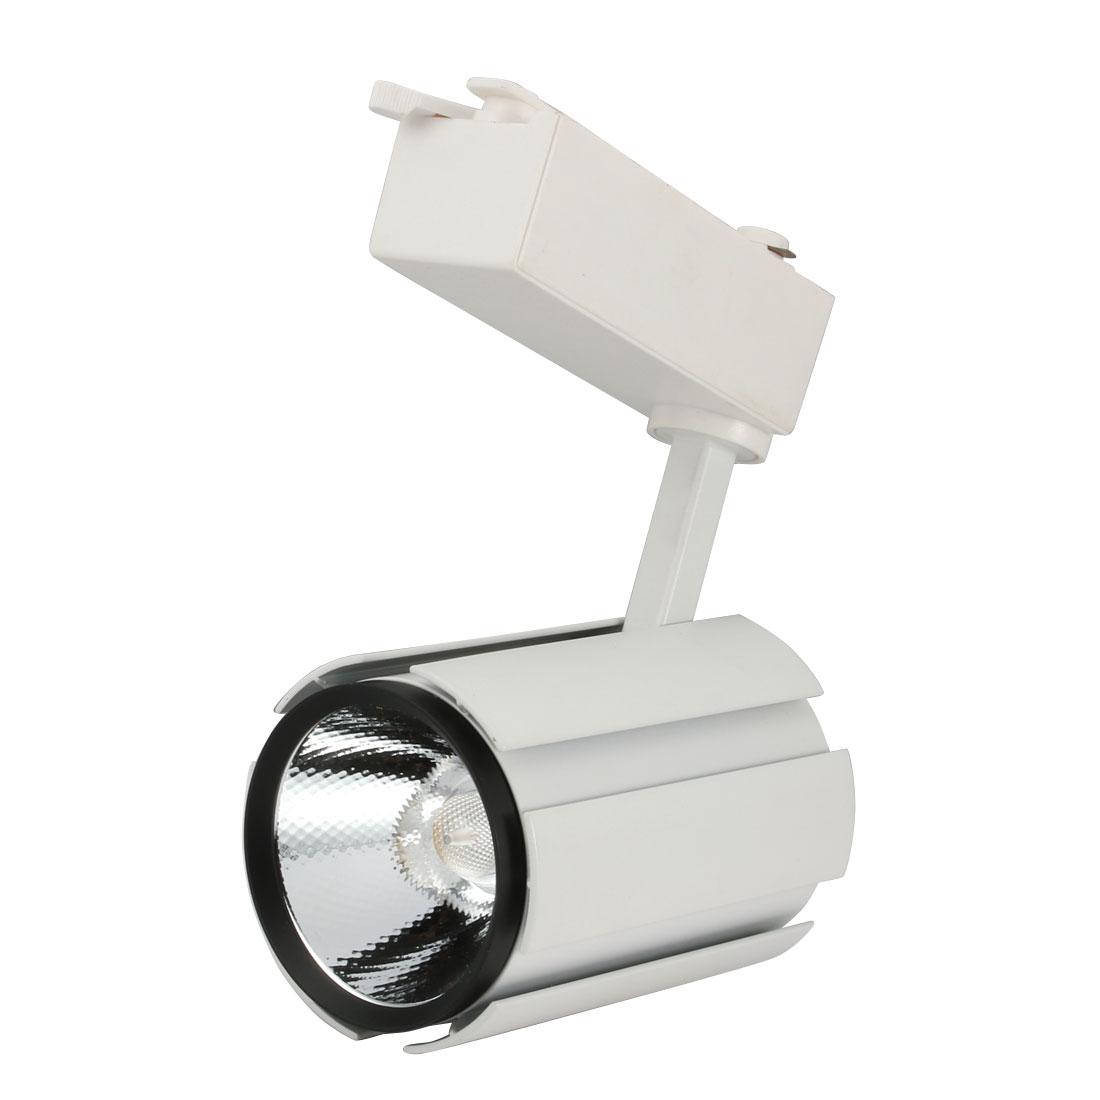 AC85-265V 18W COB Chip LED Track Rail Light Spotlight Fixture Warm White Light